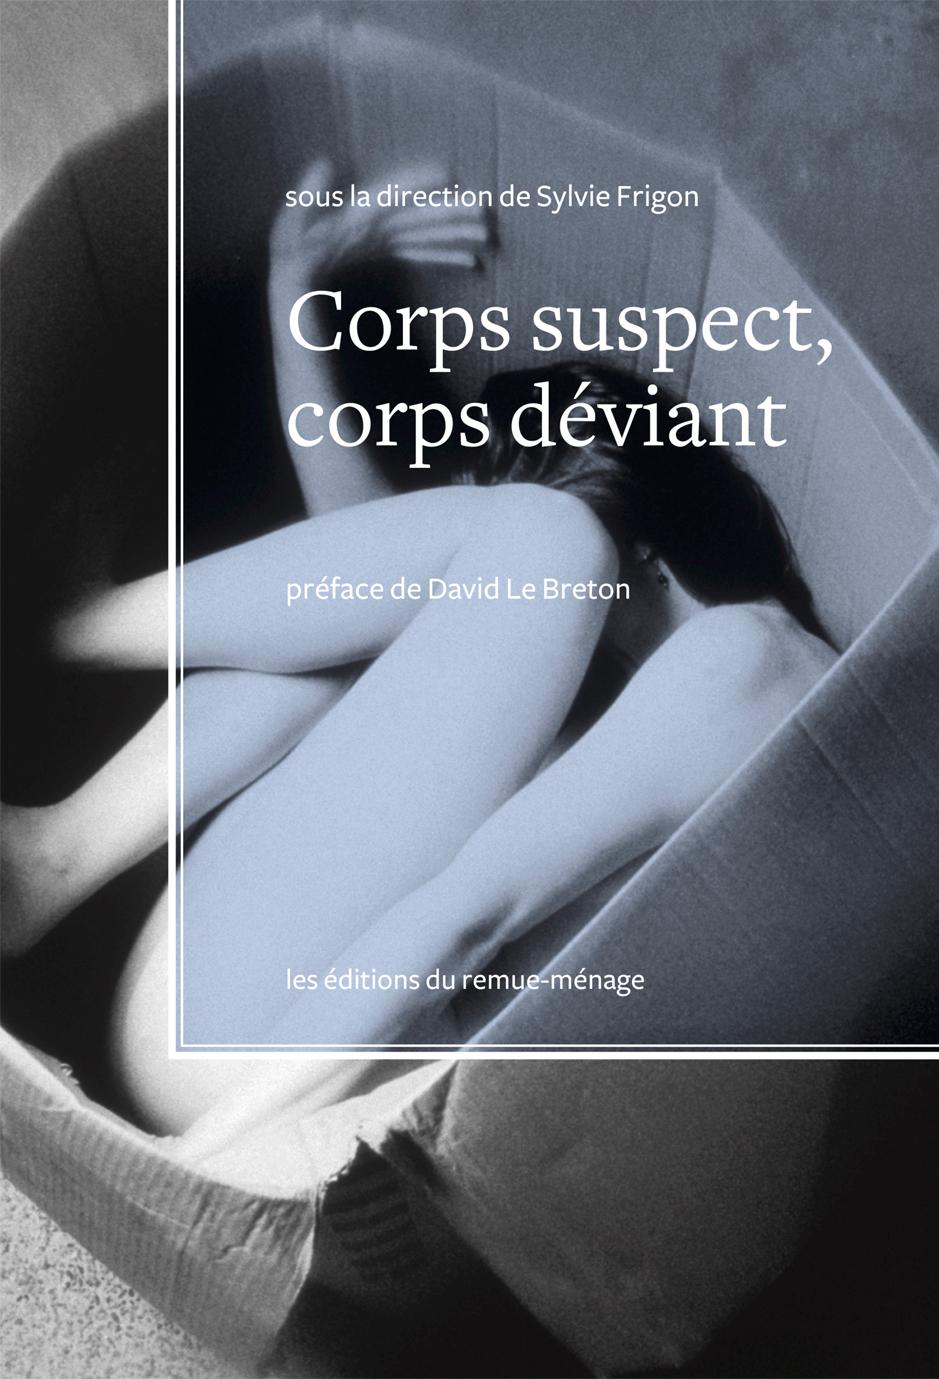 couverture Corps suspect corps déviant